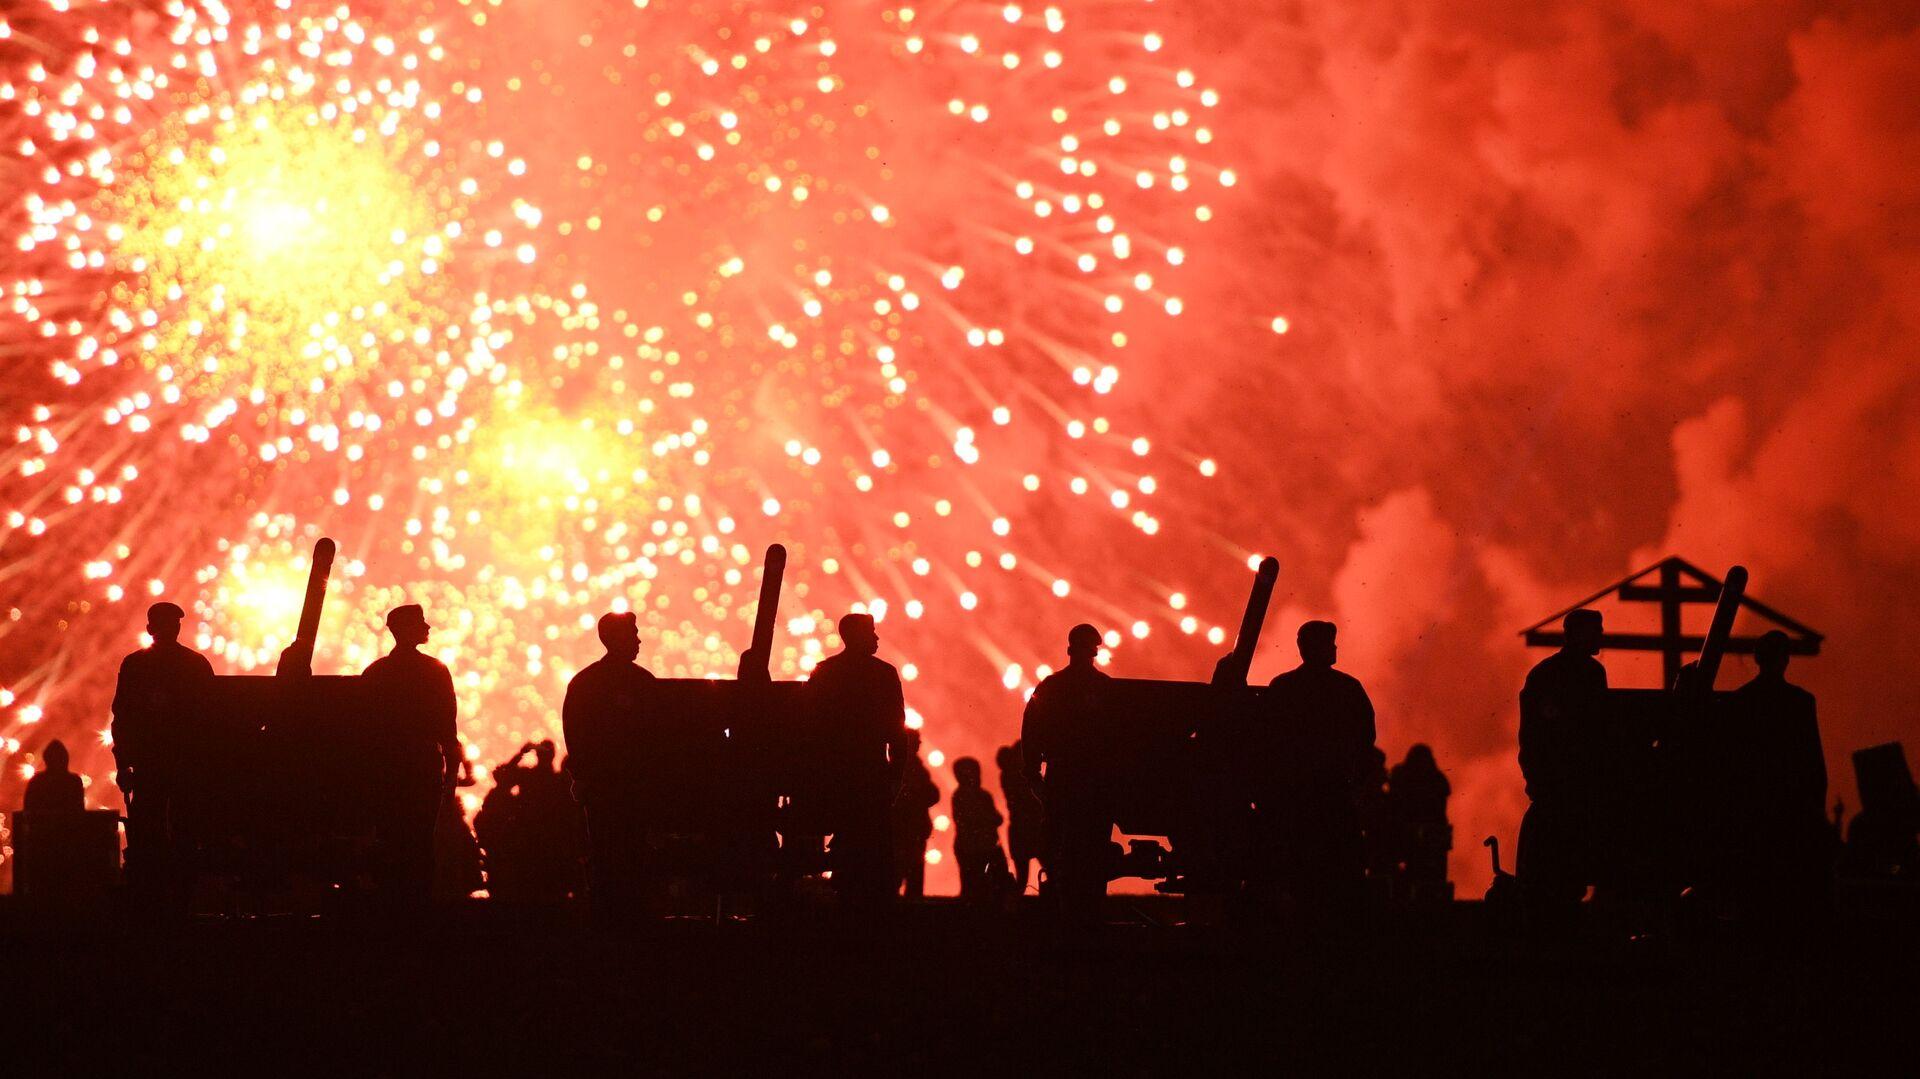 Праздничный салют в честь Дня Победы на Поклонной горе в Москве - Sputnik Узбекистан, 1920, 21.04.2021